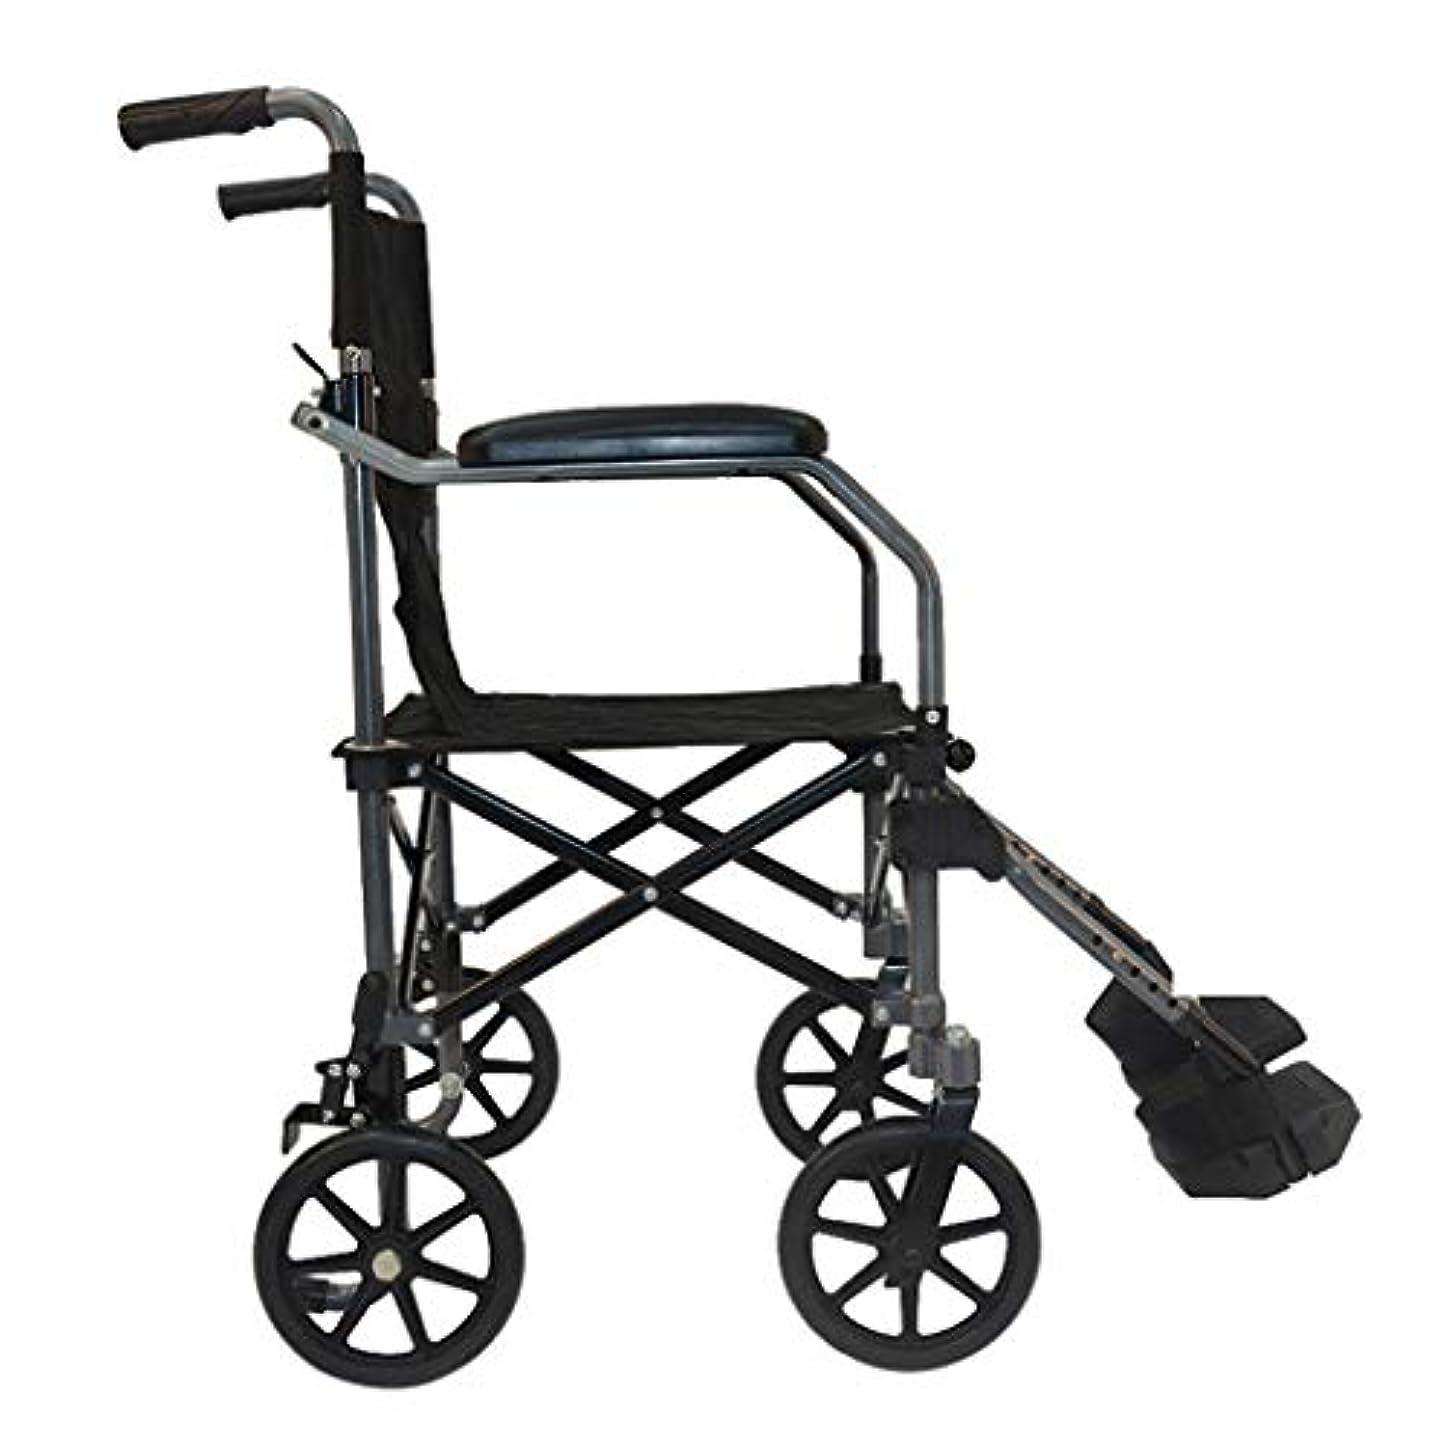 不条理拒否一掃する高齢者の屋外旅行トロリーに適した手動車椅子、折りたたみアルミニウム合金車椅子